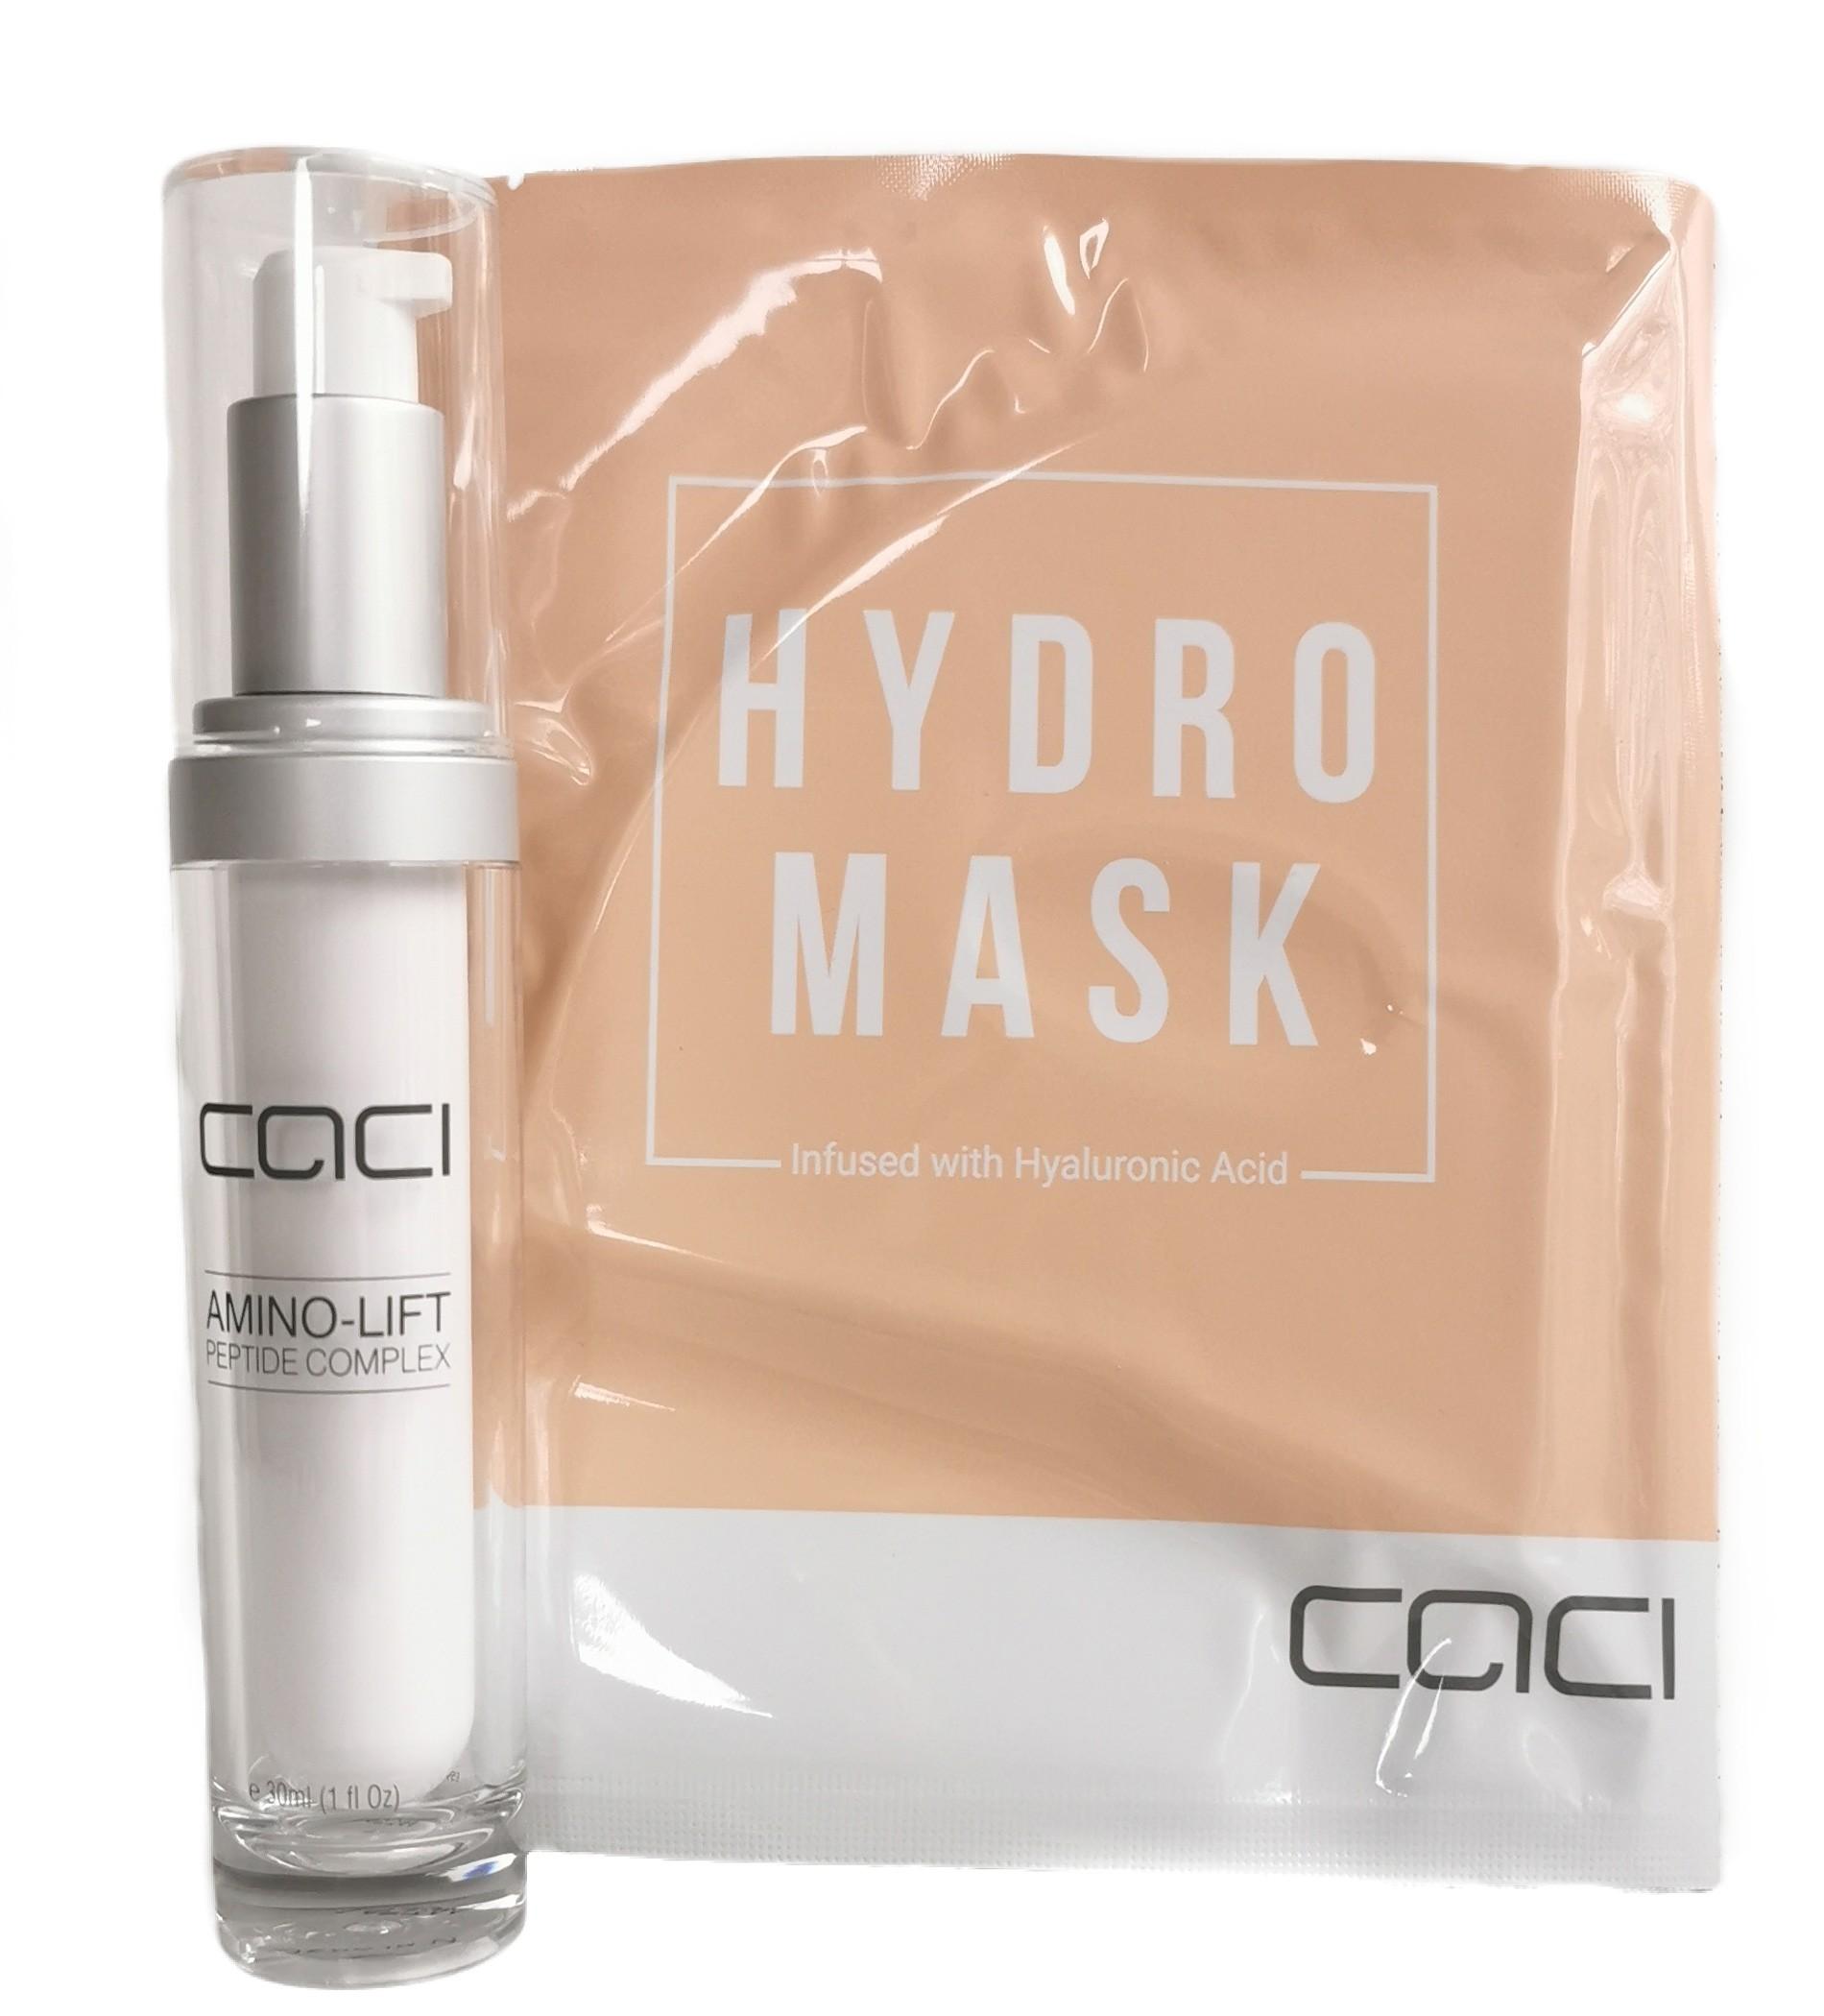 Caci Duo - Amino Lift Peptide Complex 30 ml & Hydro Mask